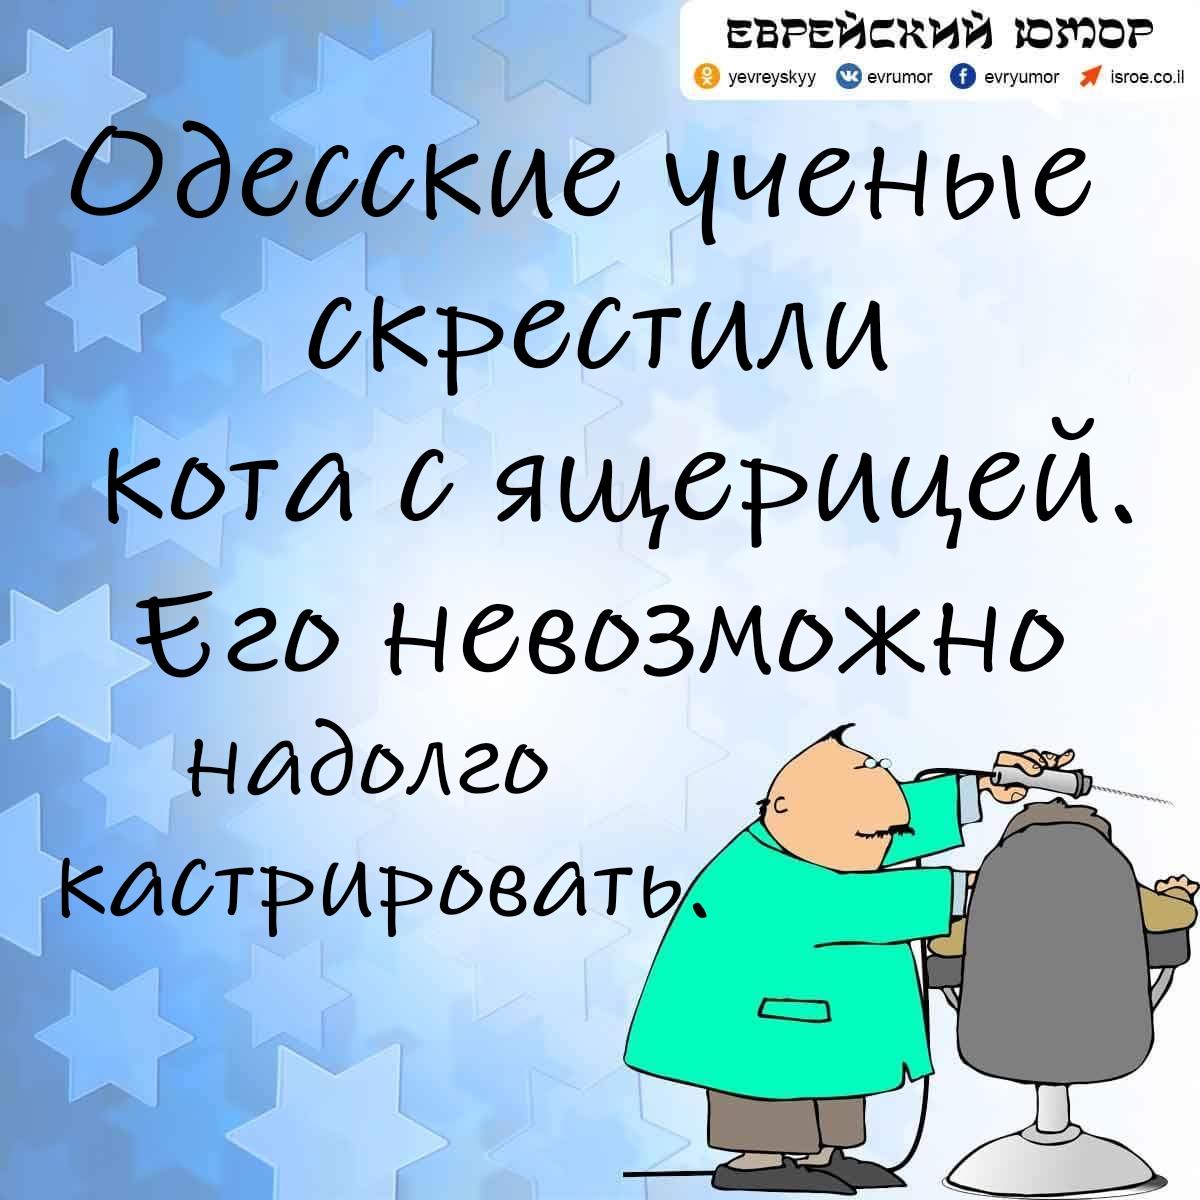 Еврейский юмор. Одесский анекдот. Одесские ученые...